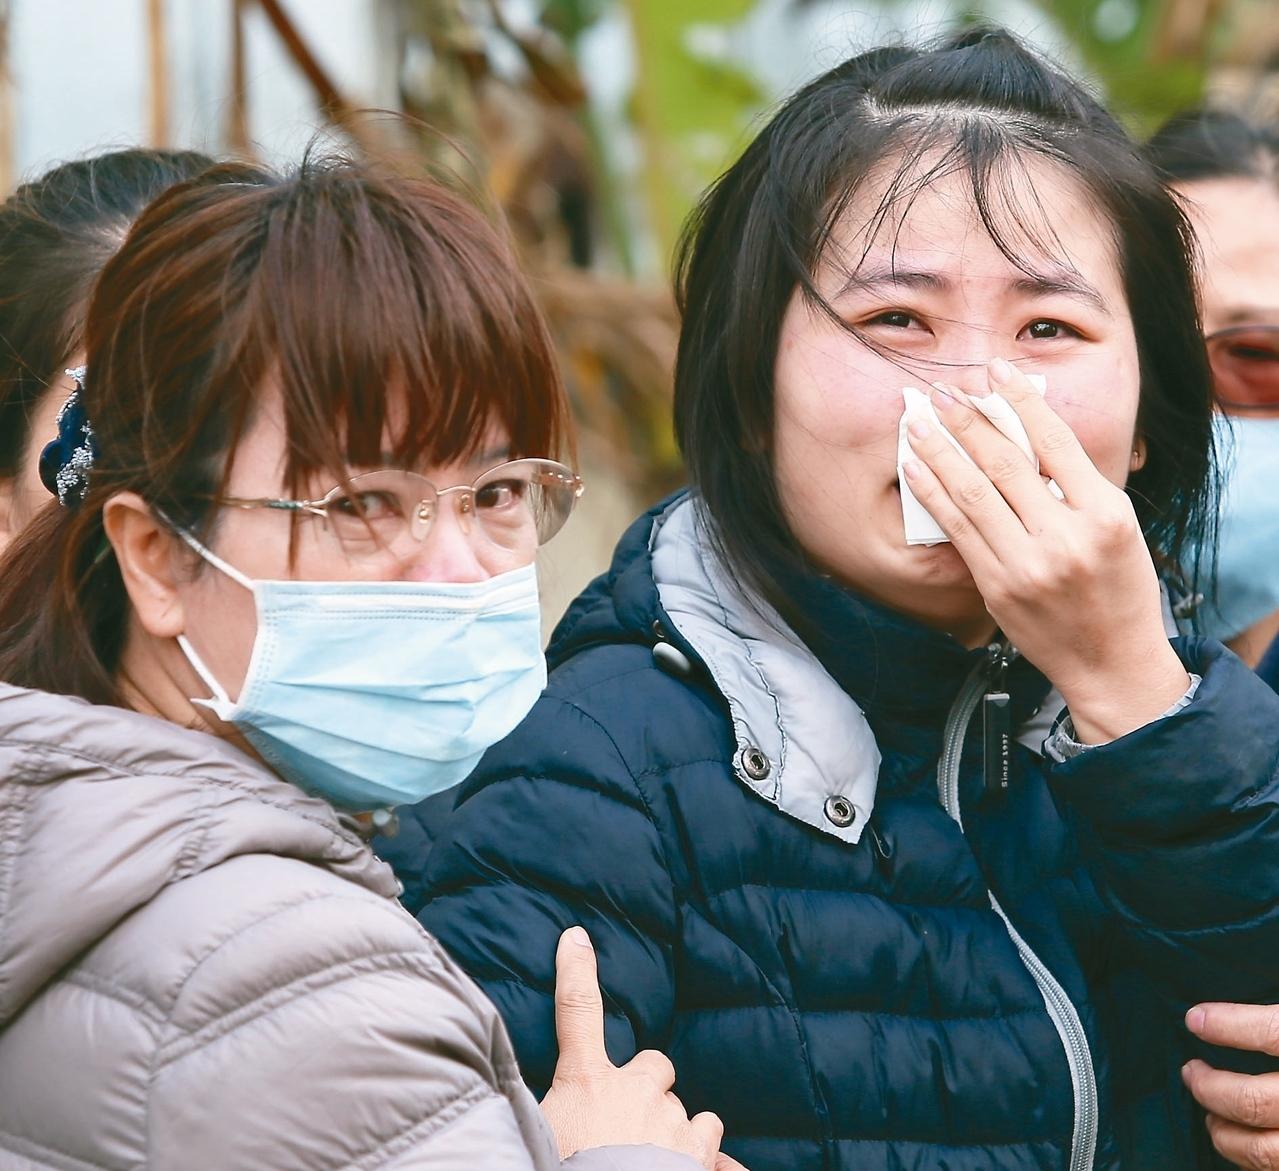 桃園市蘆竹汽車隔熱防爆膜工廠凌晨發生大火,造成6死5傷,罹難勞工的親友淚流滿面守在火場外。 記者陳柏亨/攝影